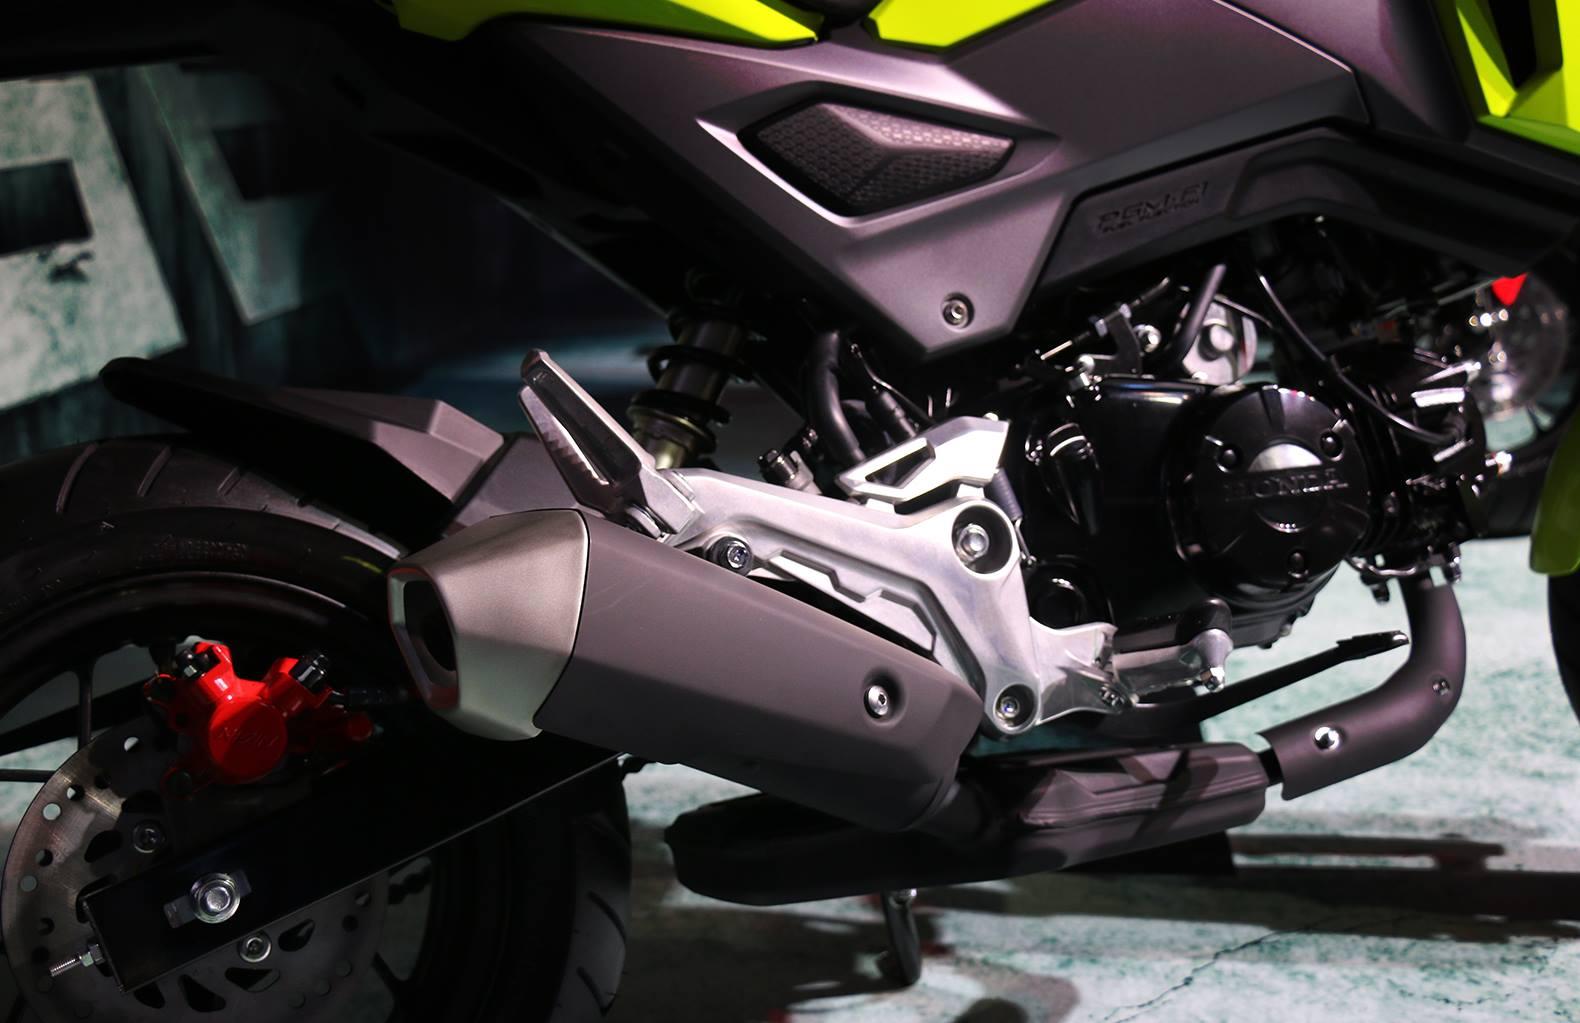 2017 Kawasaki Motorcycle Rumors Release Reviews And Models On 2017